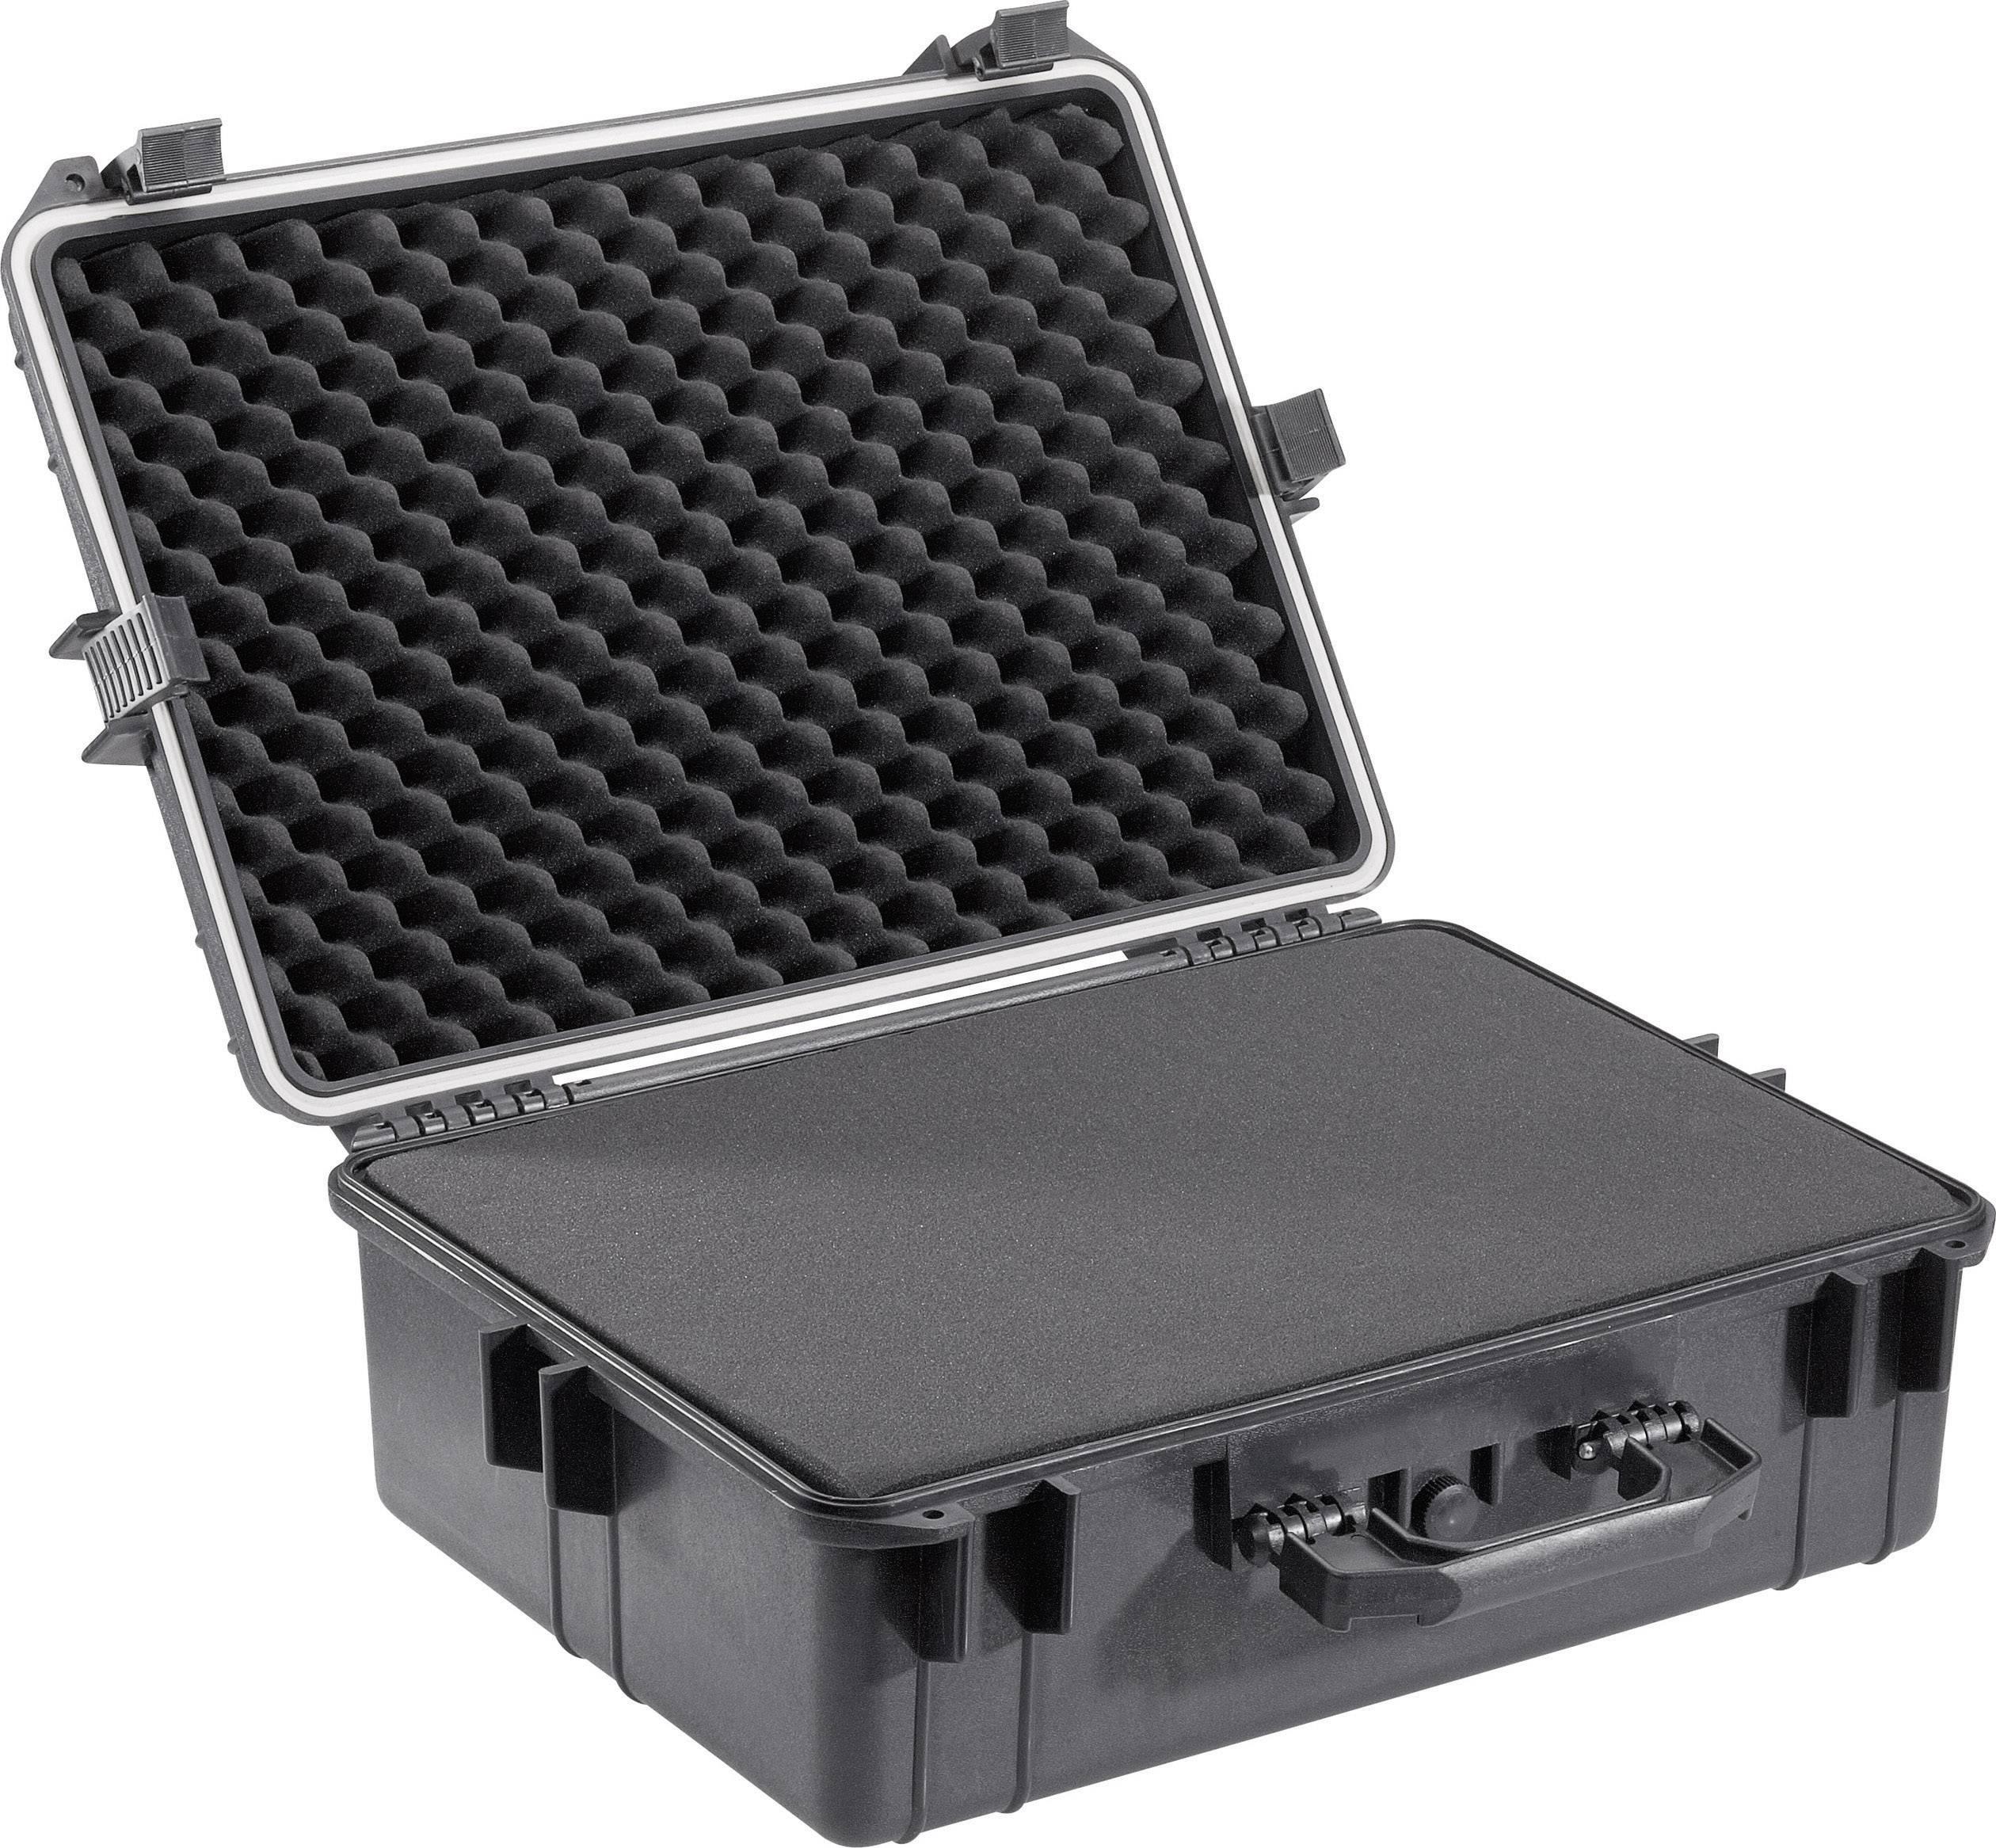 472f055080cfe Walizka narzędziowa, wodoszczelna Basetech 658799, (DxSxW) 560 x 430 x 215  mm